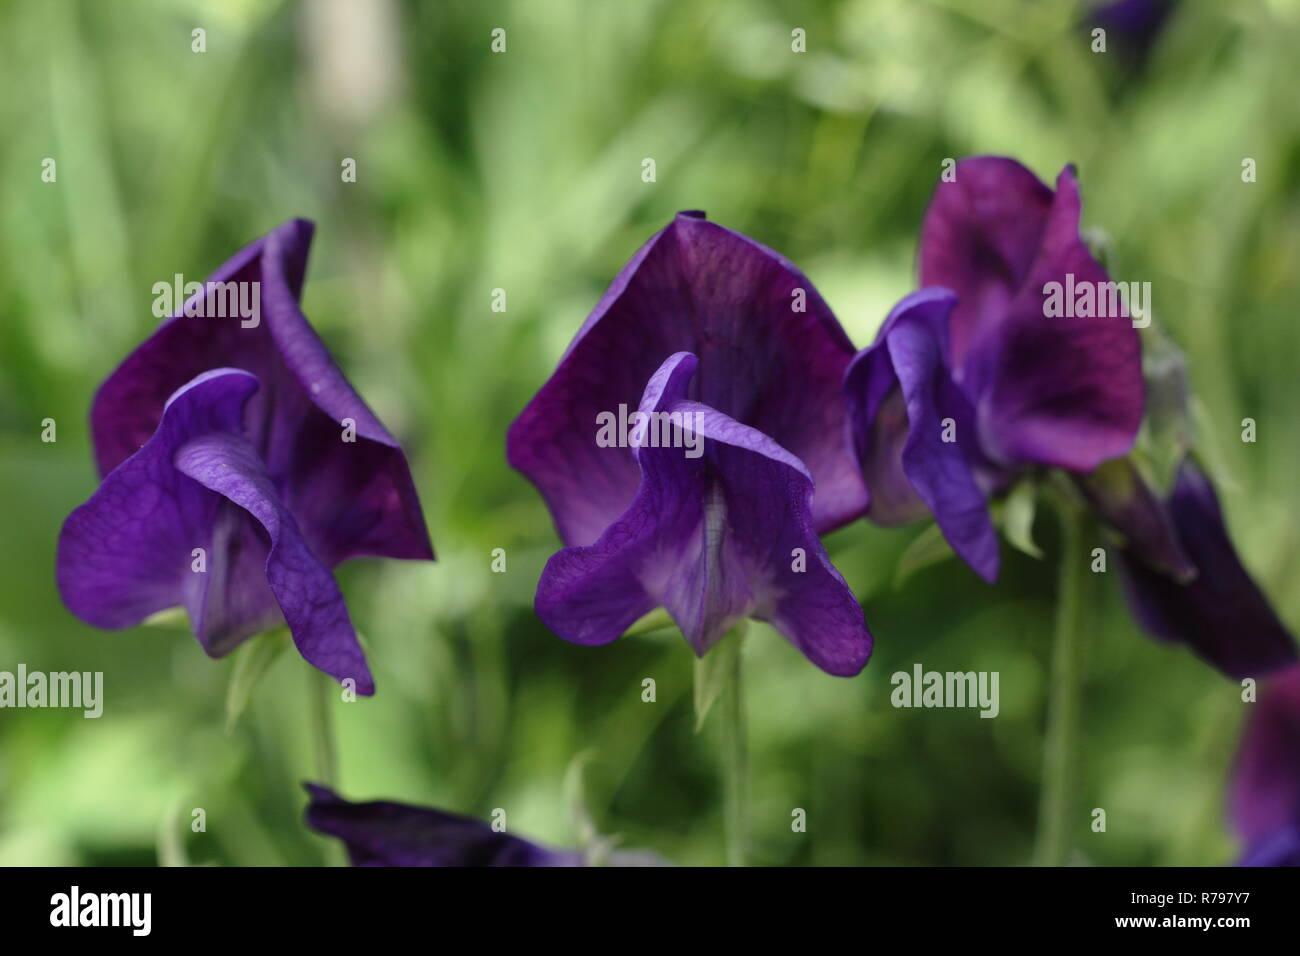 Lathyrus Odoratus. Sweet pea 'Lord Nelson' Blumen in einem Englischen Garten, Sommer, Großbritannien Stockbild